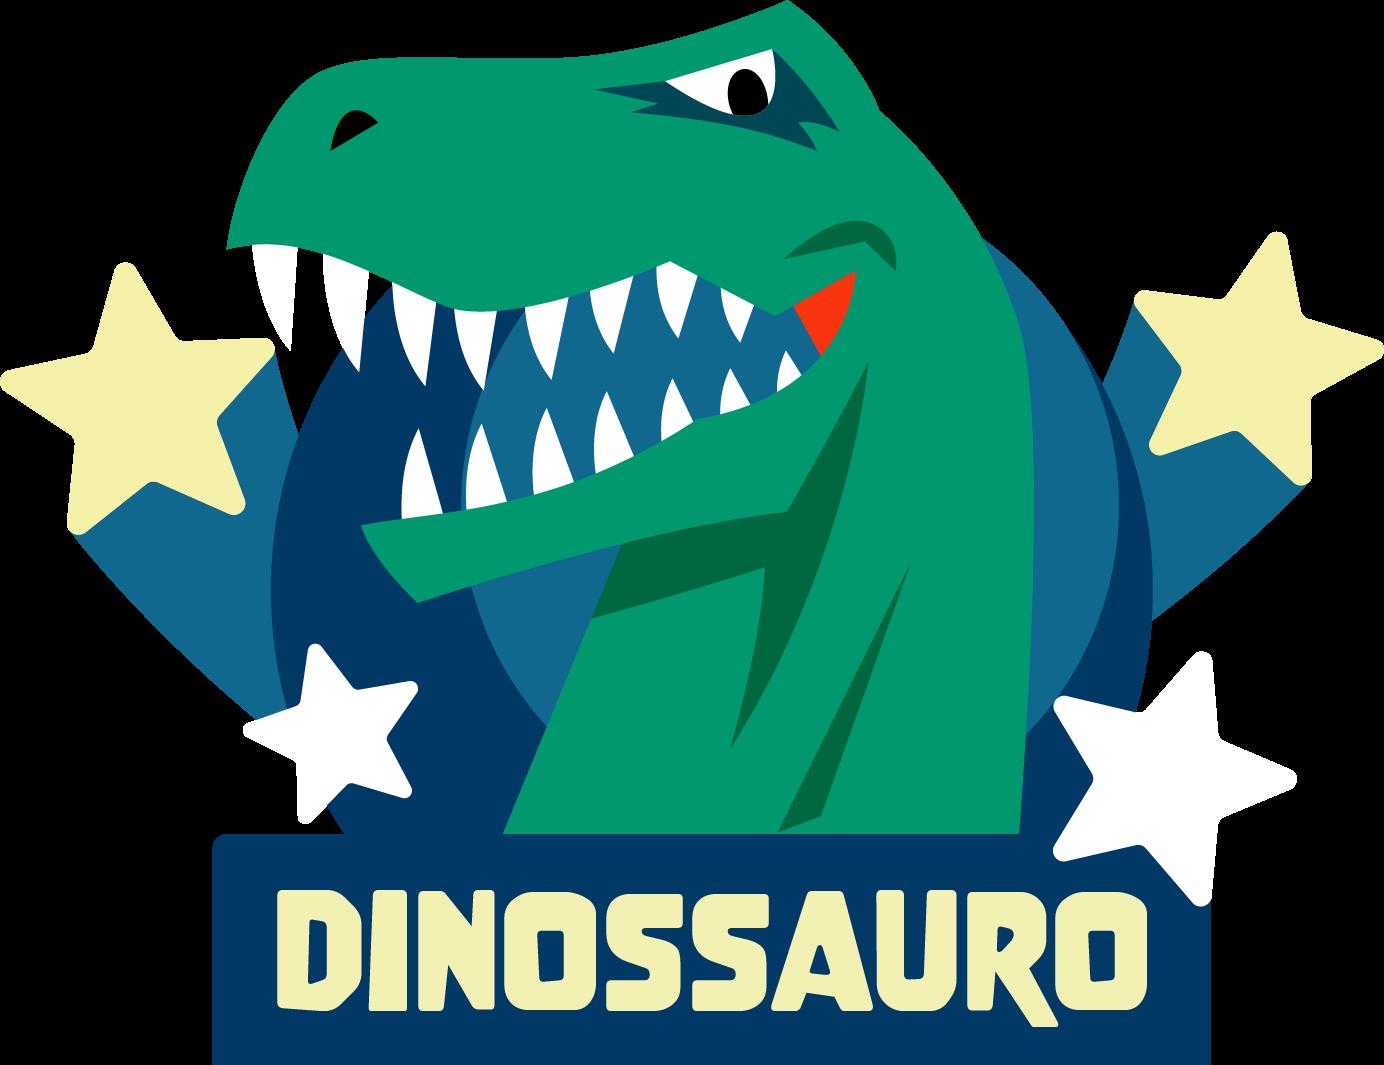 Personagem Dinossauro